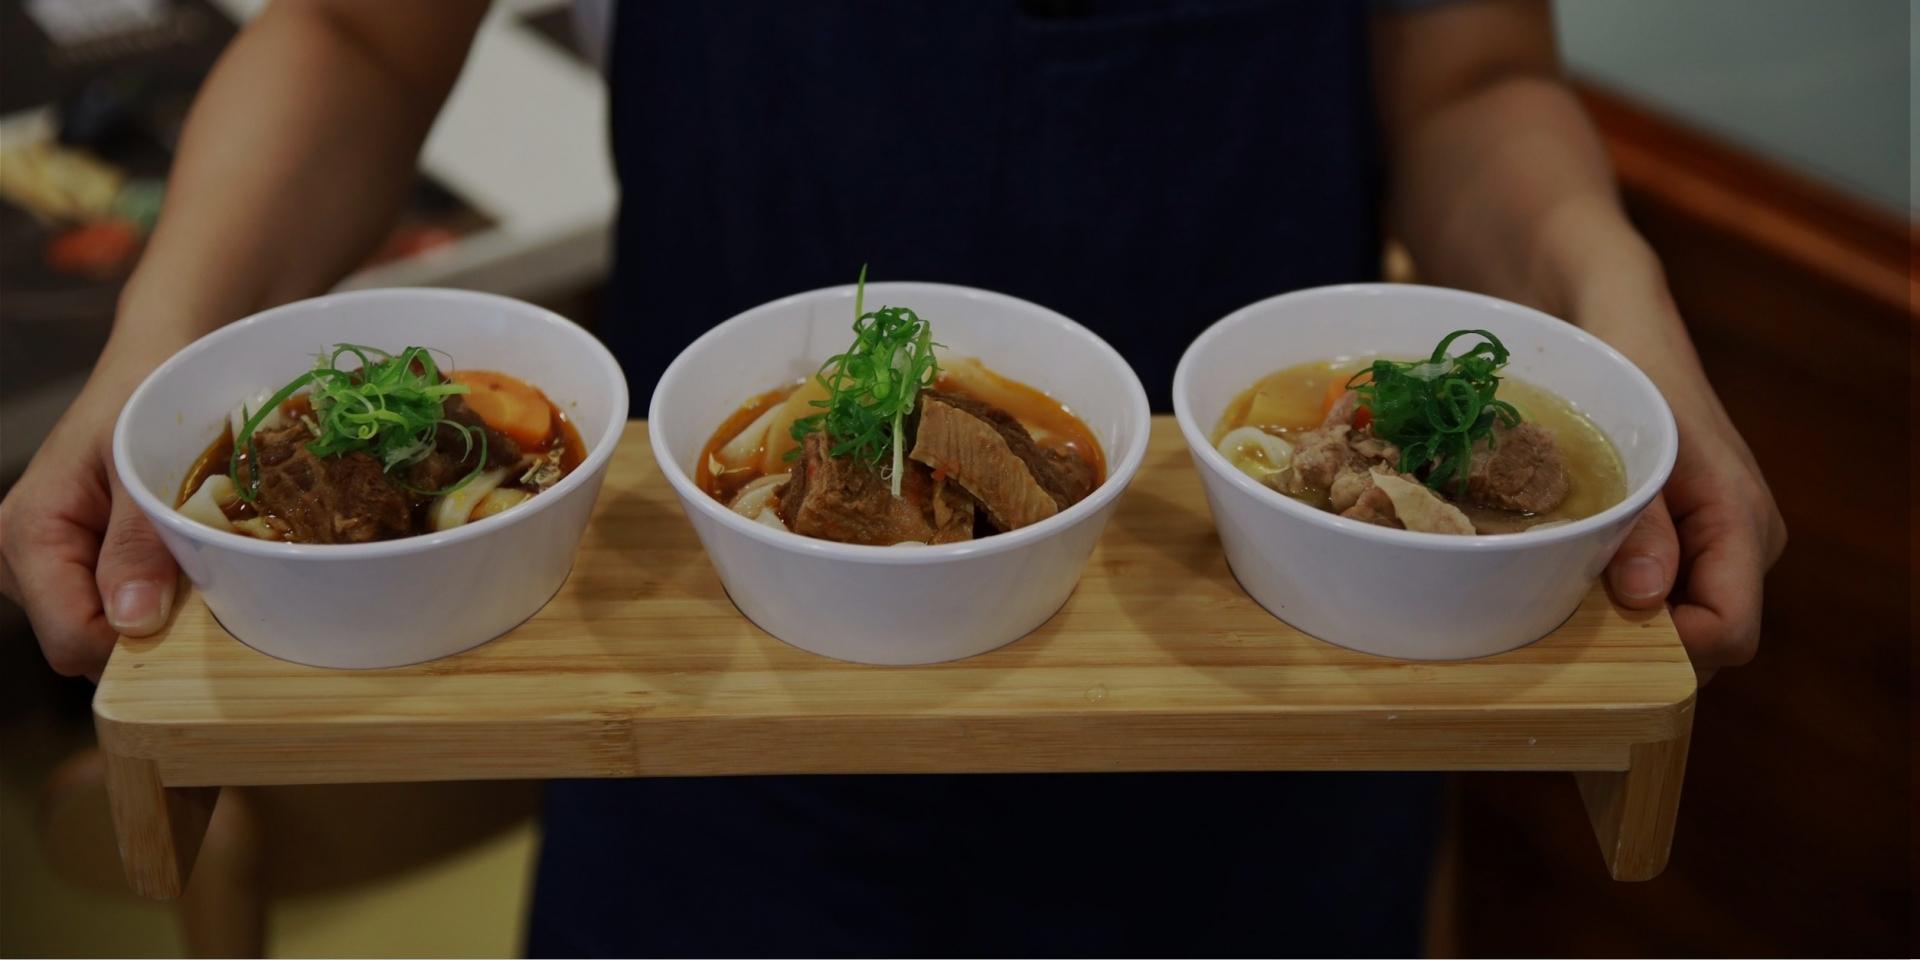 用台灣美食挑動全球華人的味蕾<span></span>